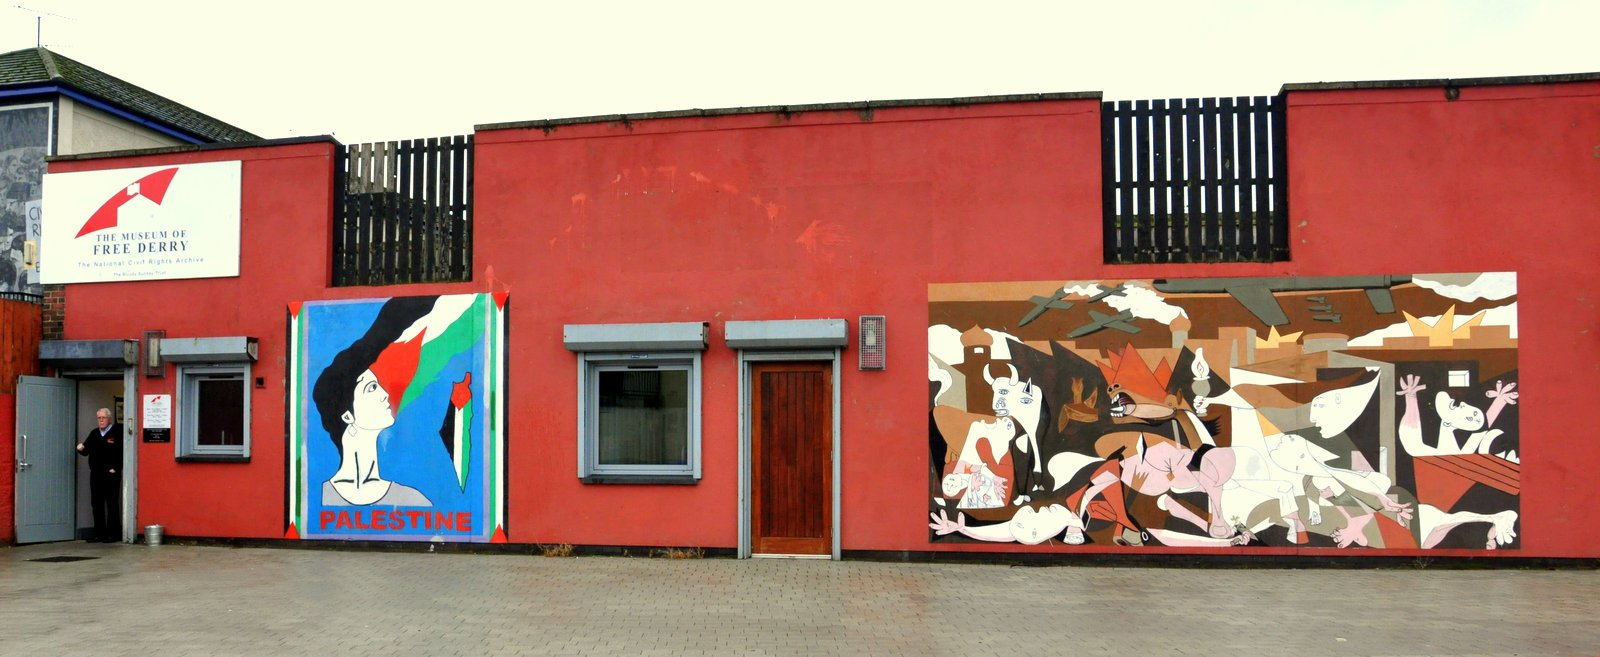 Le musée de Free Derry à Derry